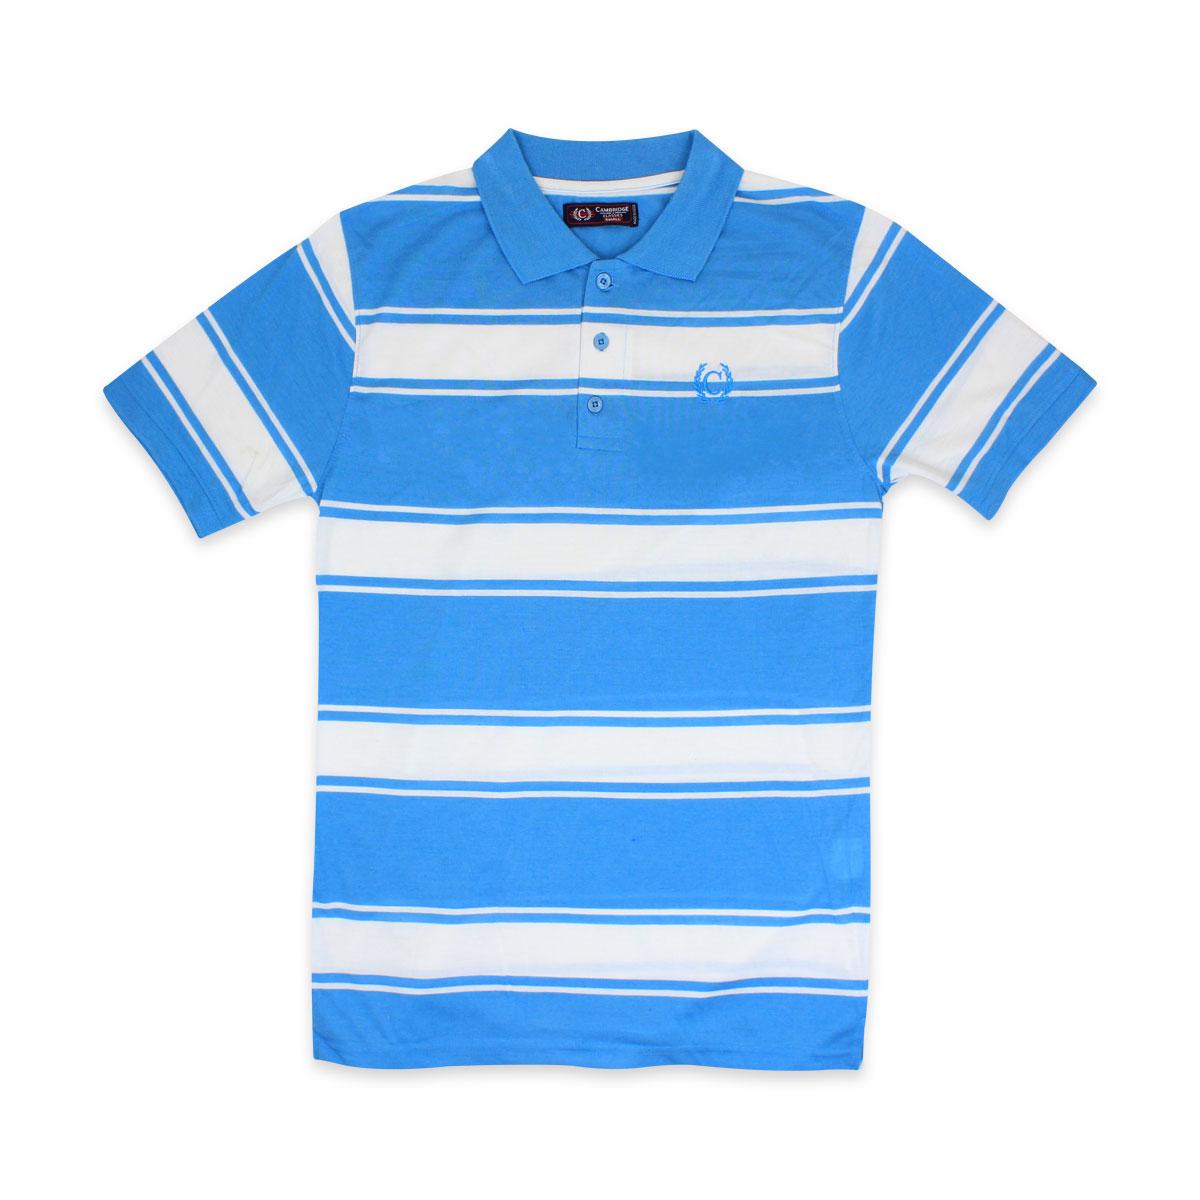 Camisas-Polo-Para-Hombre-A-Rayas-Pique-Con-Cuello-camiseta-Camiseta-Manga-Corta-De-Verano-S-M-L-XL miniatura 26